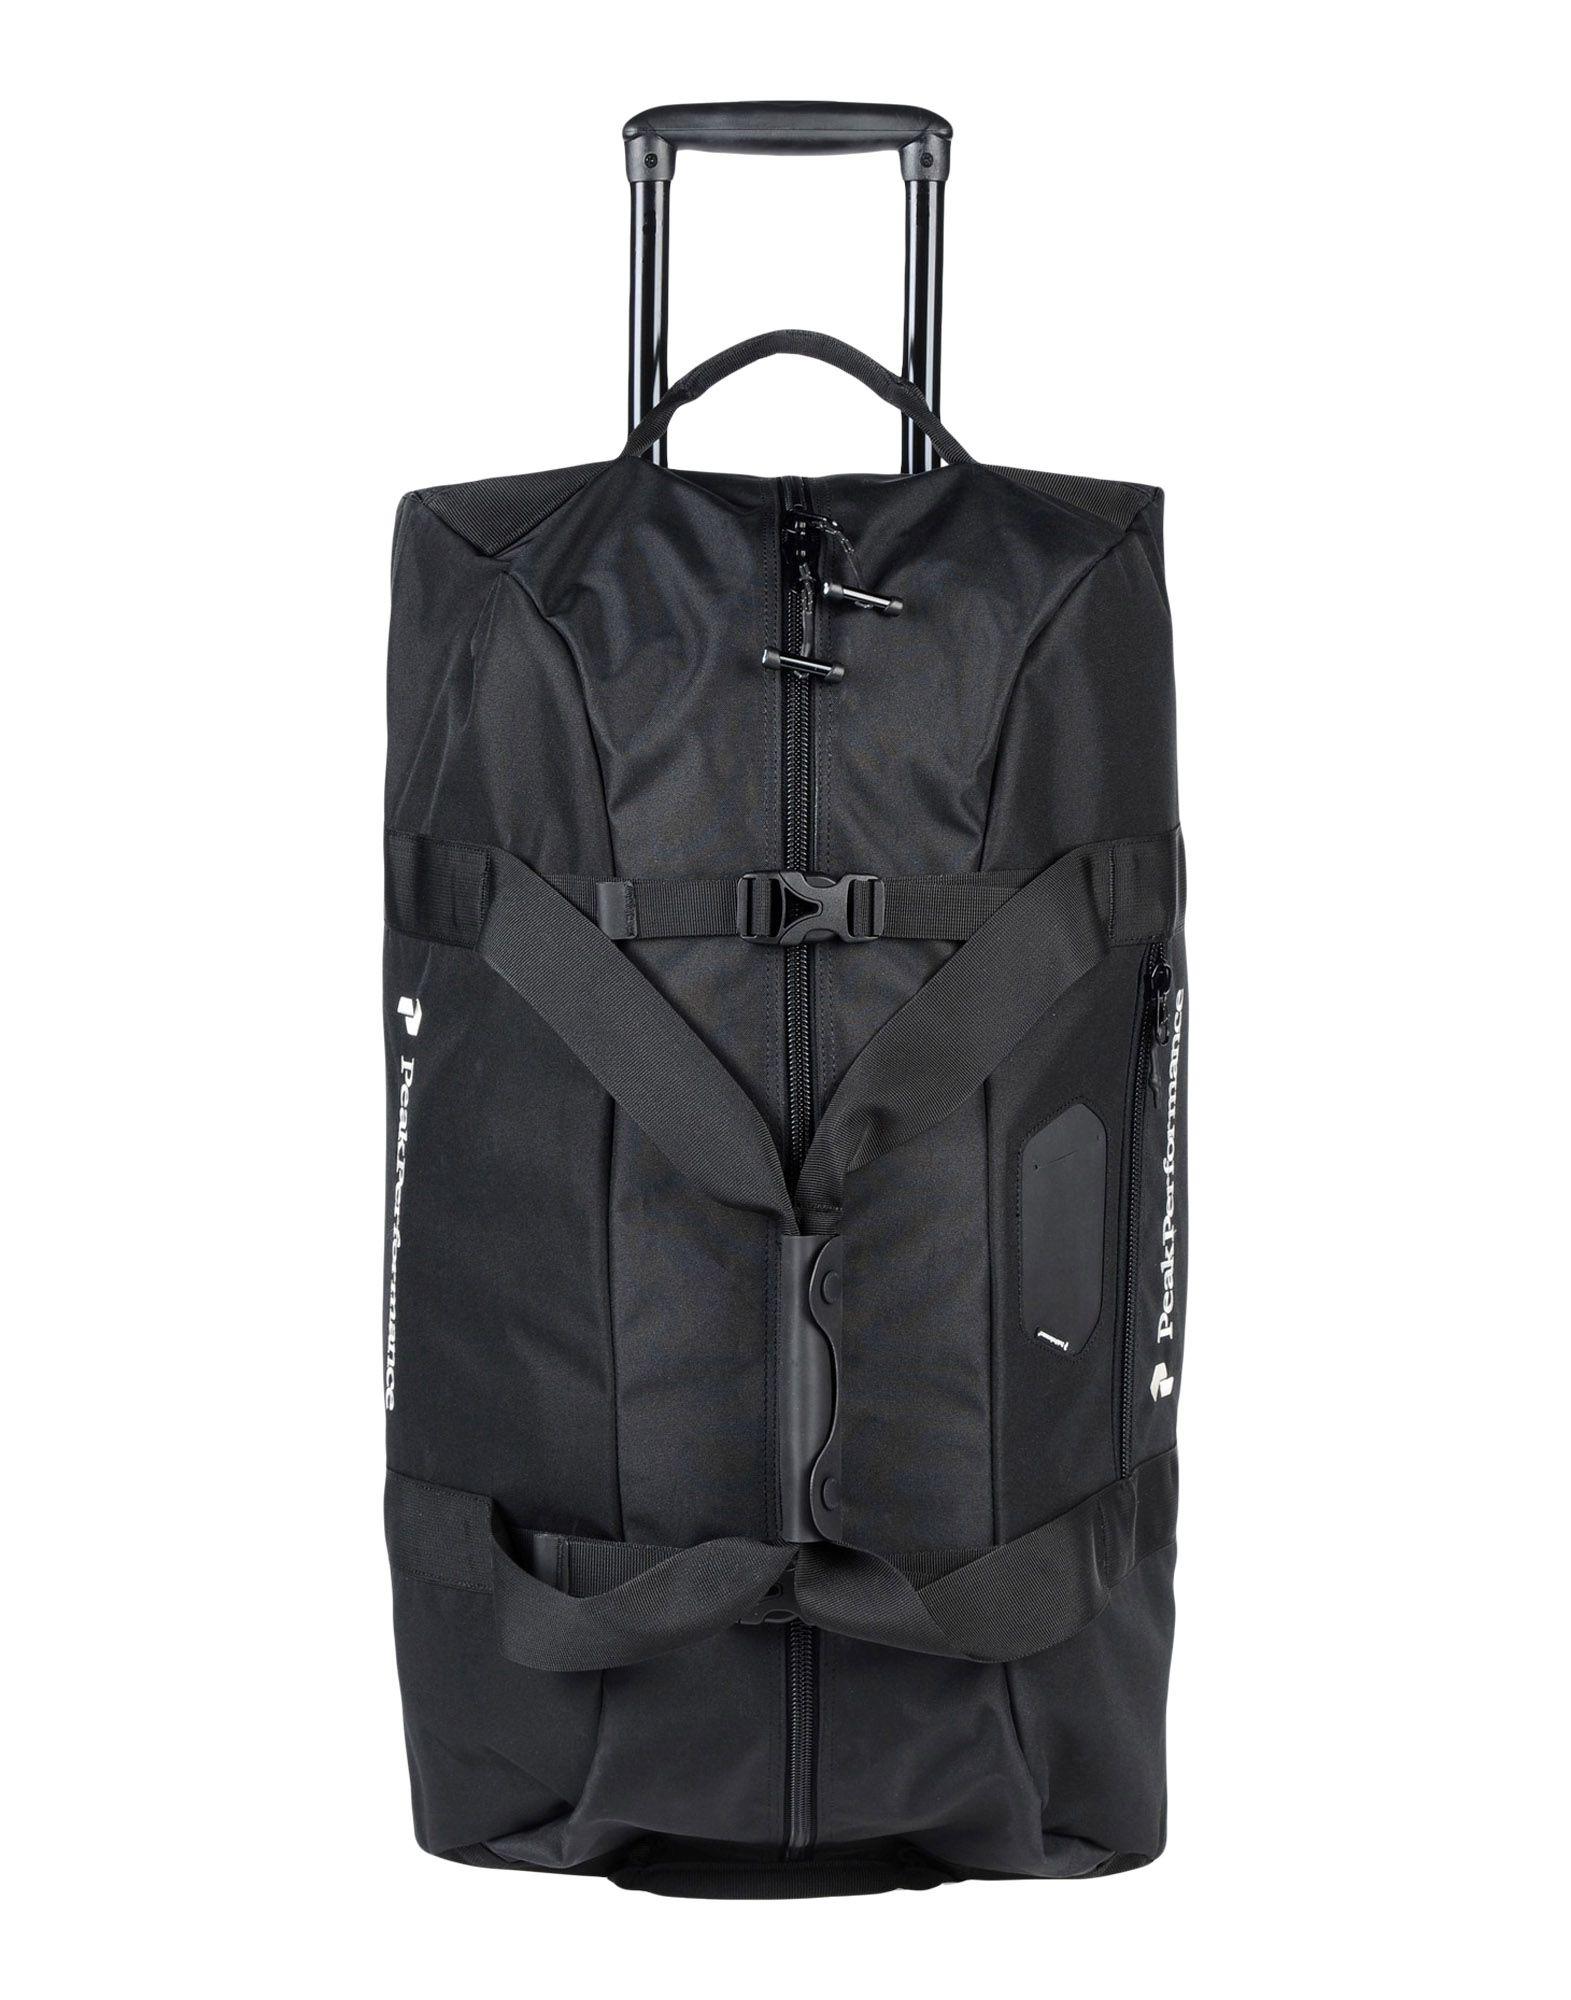 PEAK PERFORMANCE Чемодан/сумка на колесиках сумка спортивная adidas performance adidas performance ad094dulwp12